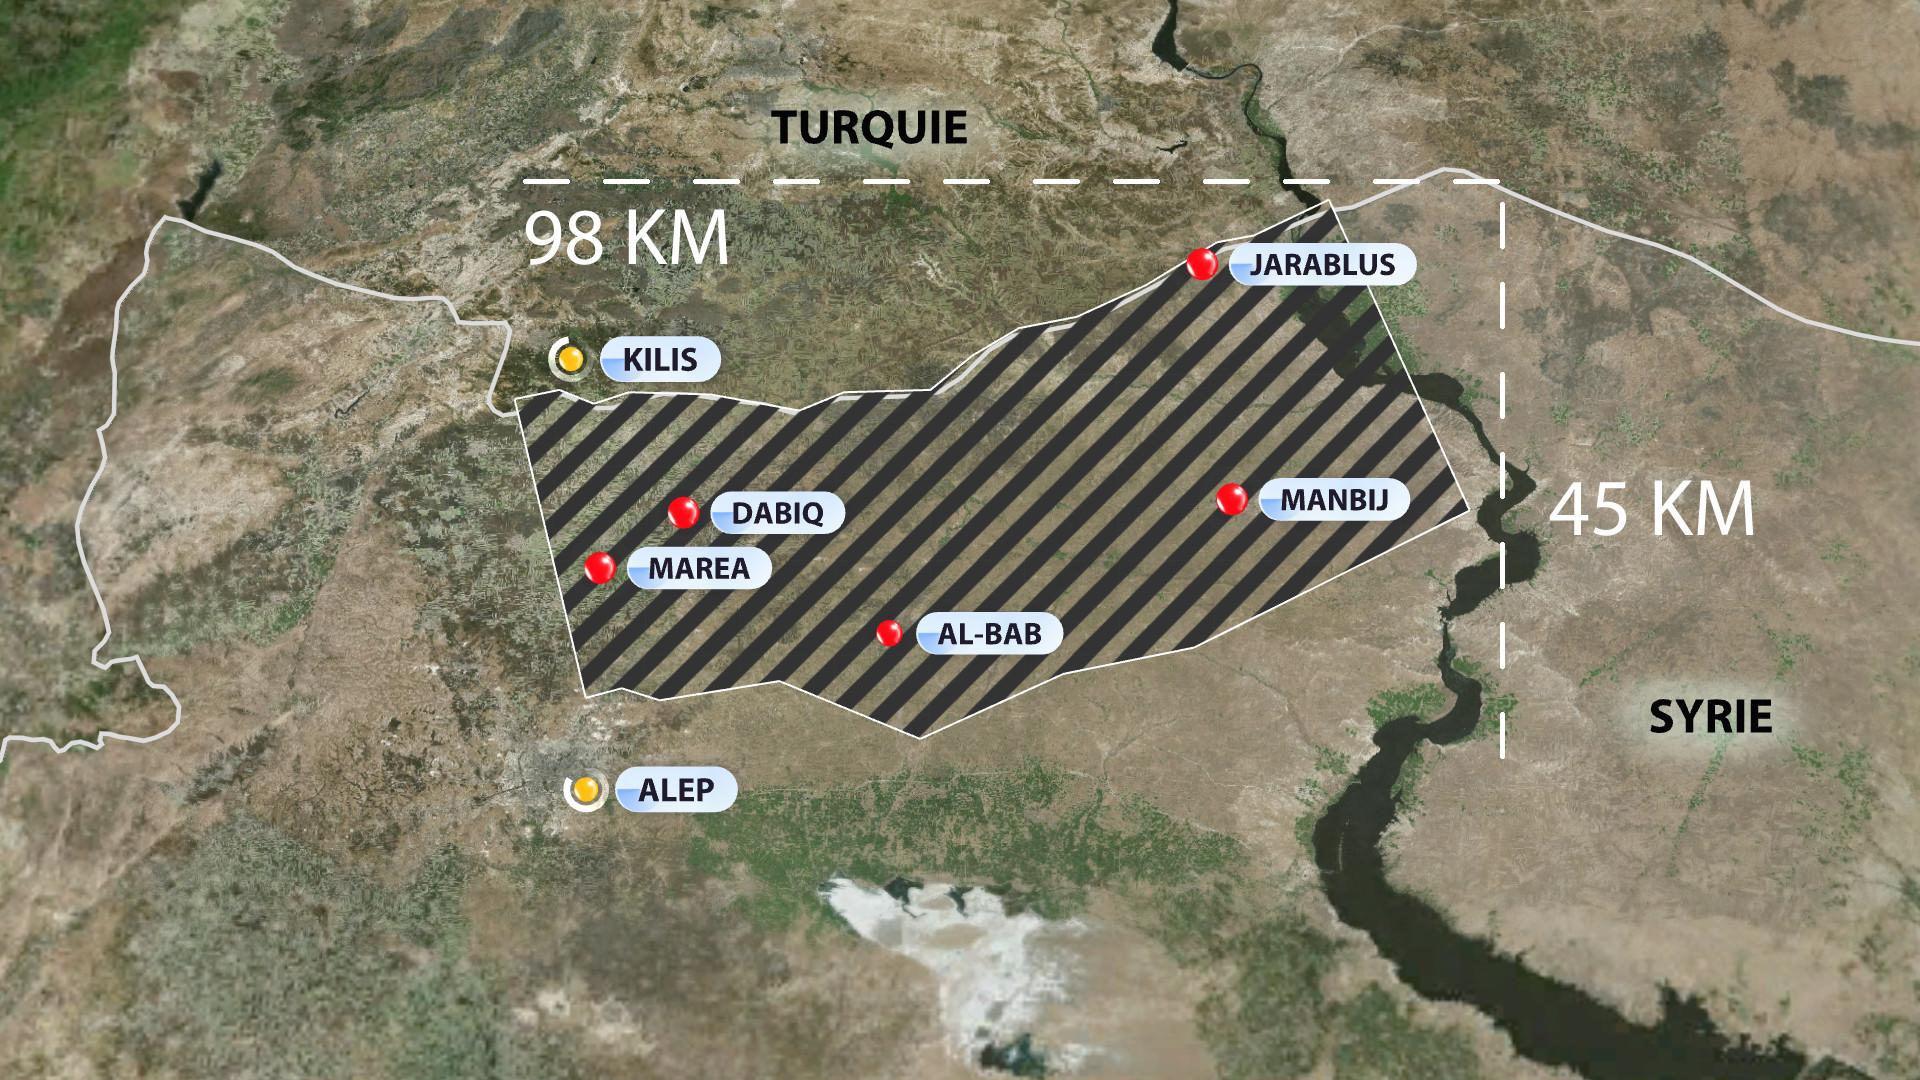 La Turquie et les Etats-Unis s'opposent sur la création d'une zone tampon en Syrie